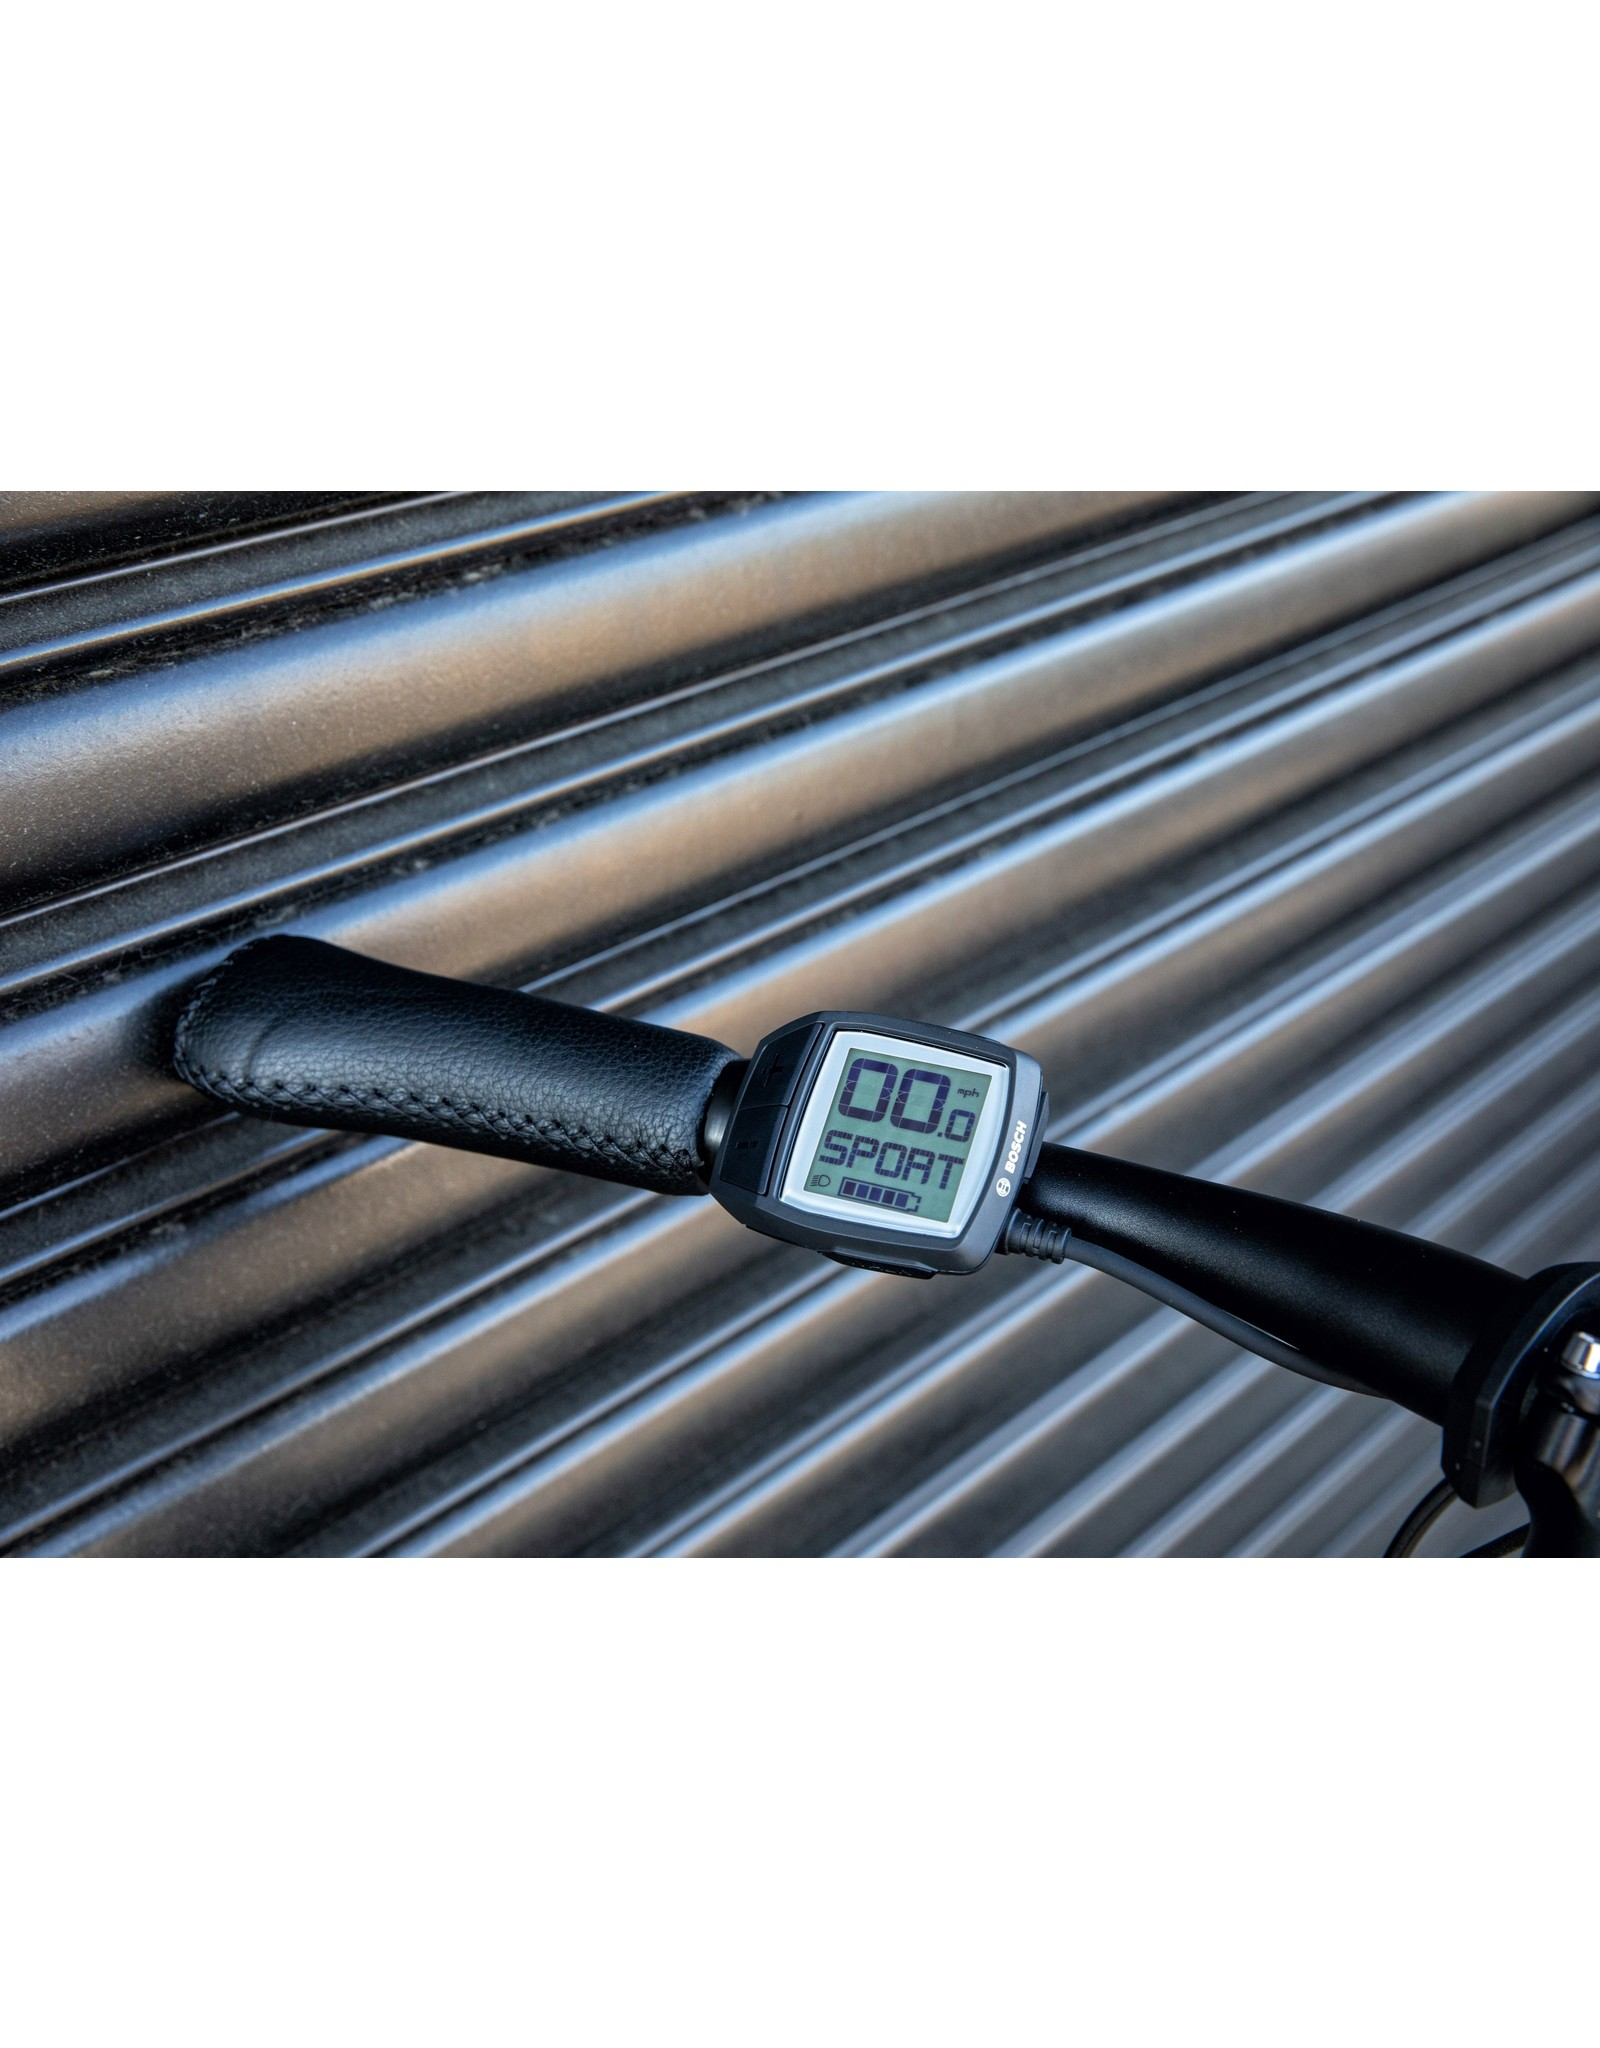 GAZELLE GAZELLE ULTIMATE C8 LOW-STEP PETROL MATTE EBIKE